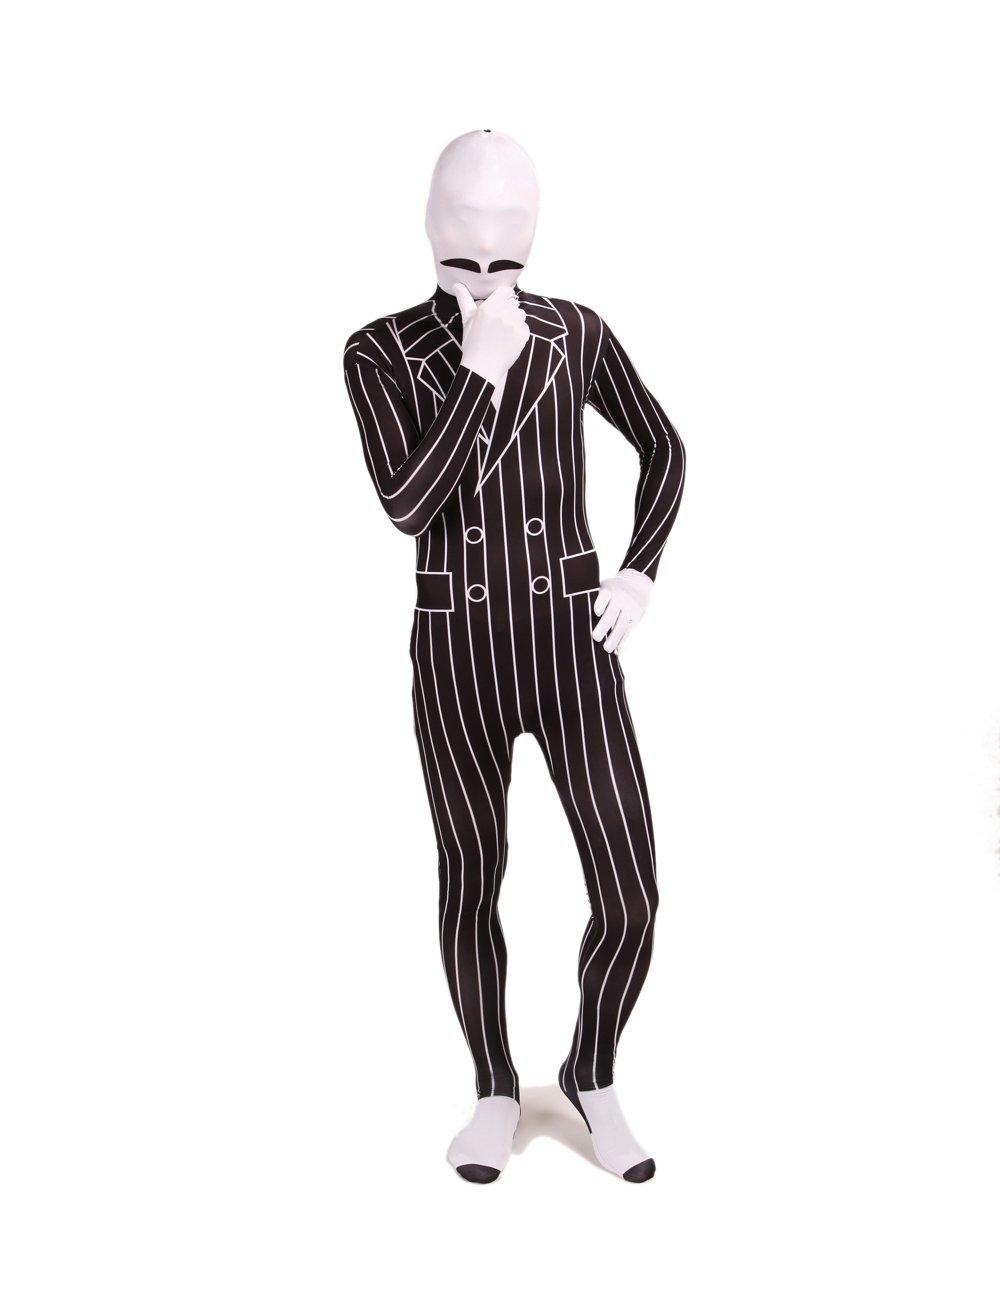 SCMart【高品質伸縮性素材全身タイツ おもしろ衣装】 柄タイツ 白黒 髭 紳士 ストライプ モンスター ハロウィン コスプレ 【XXLサイズ】 おまけ付き   B00GW8KSR4